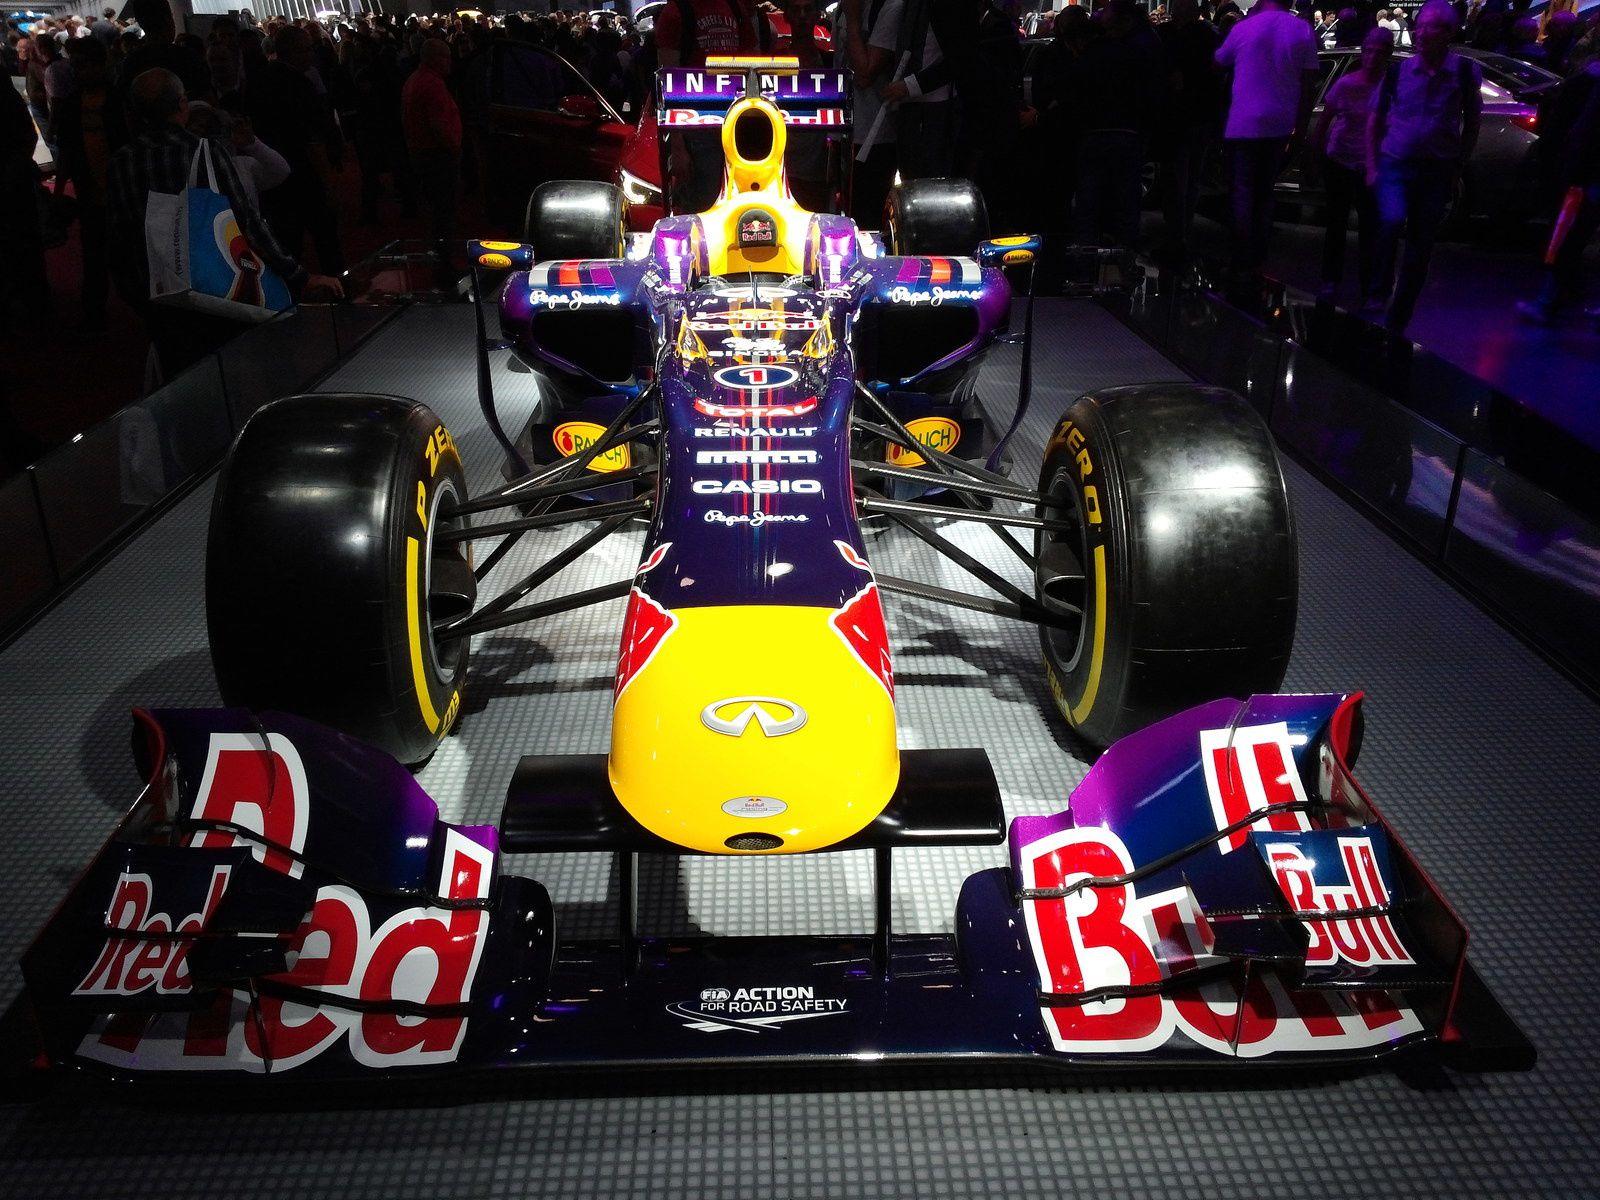 Infiniti, sponsor Red Bull Racing en F1 - La collaboration entre Red Bull Racing et Renault débute en 2007 et s'affirme depuis comme l'une des associations châssis-motoriste les plus victorieuses de l'Histoire de la Formule Un.